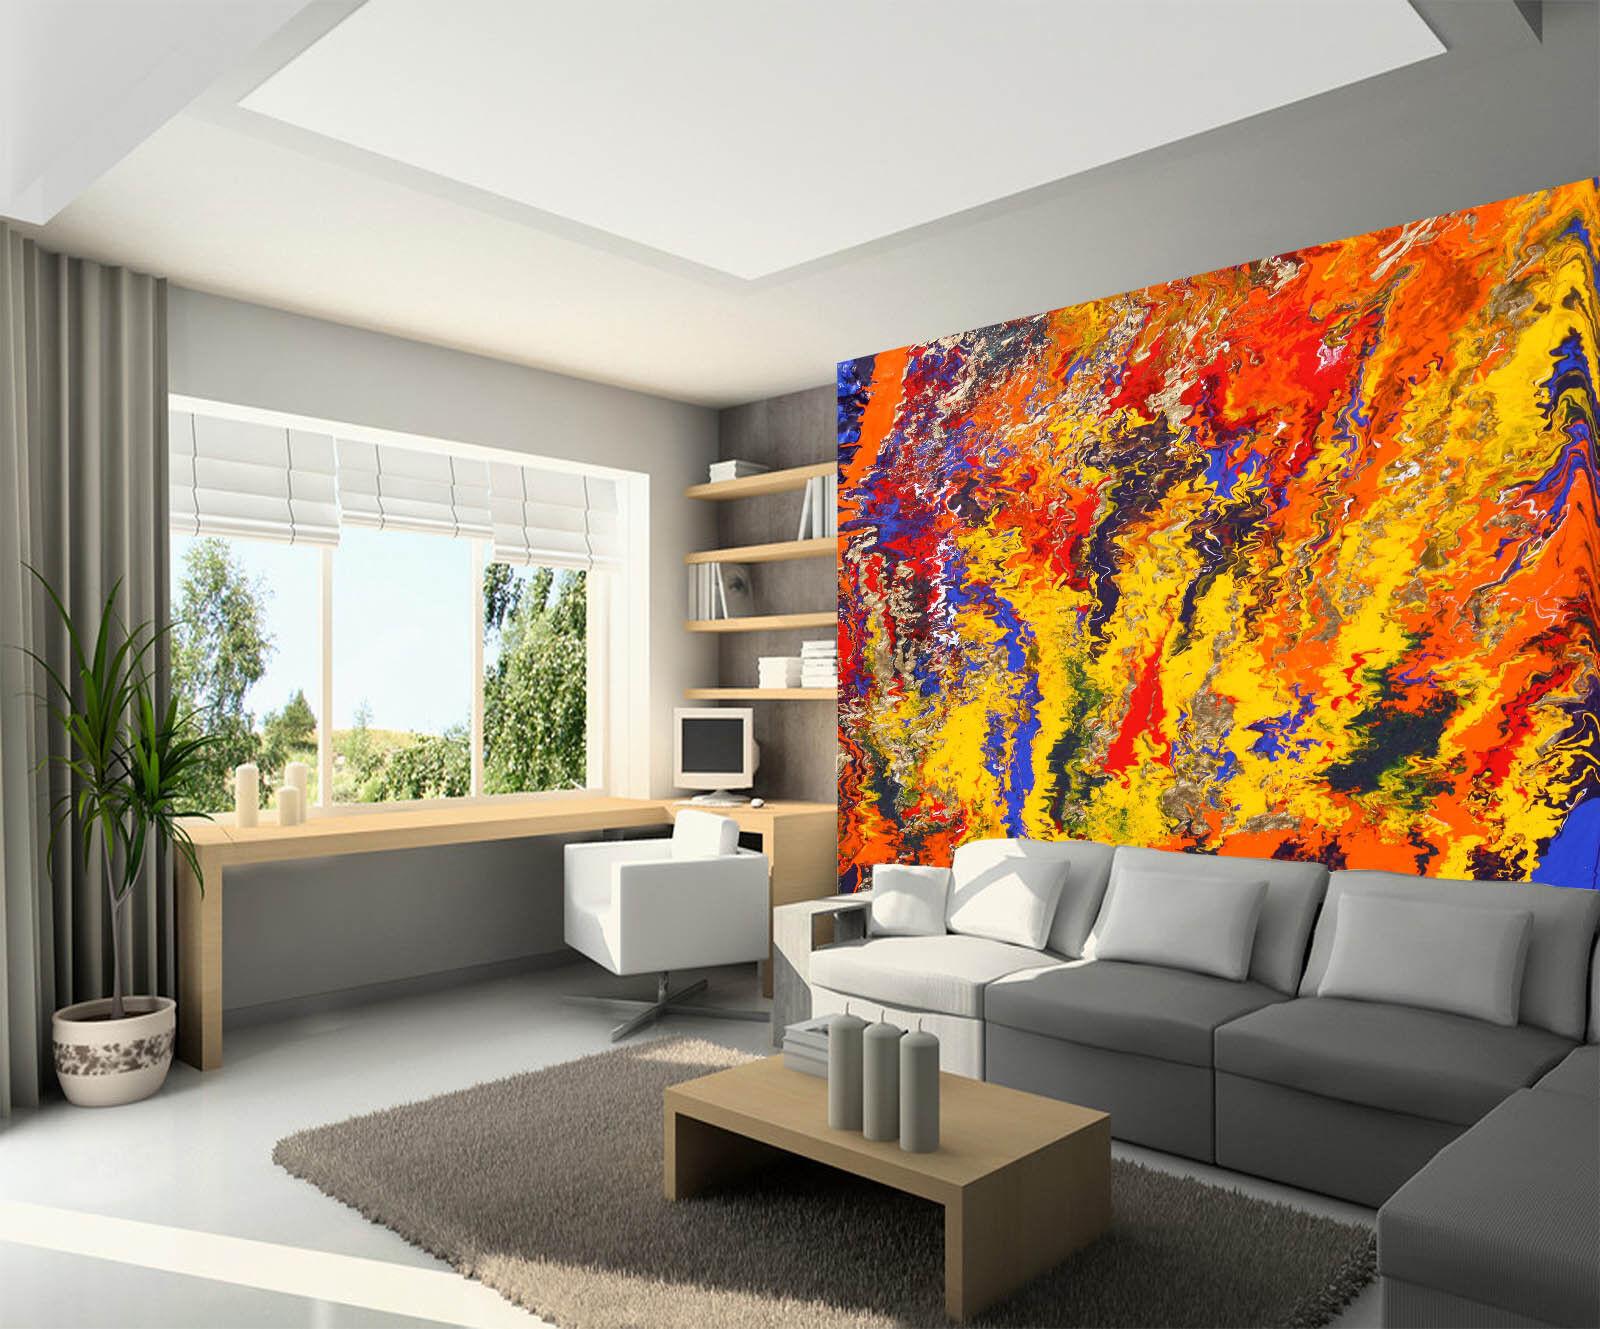 3D Farb Kunst Graffiti 77 Tapete Wandgemälde Tapete Tapeten Bild Familie DE